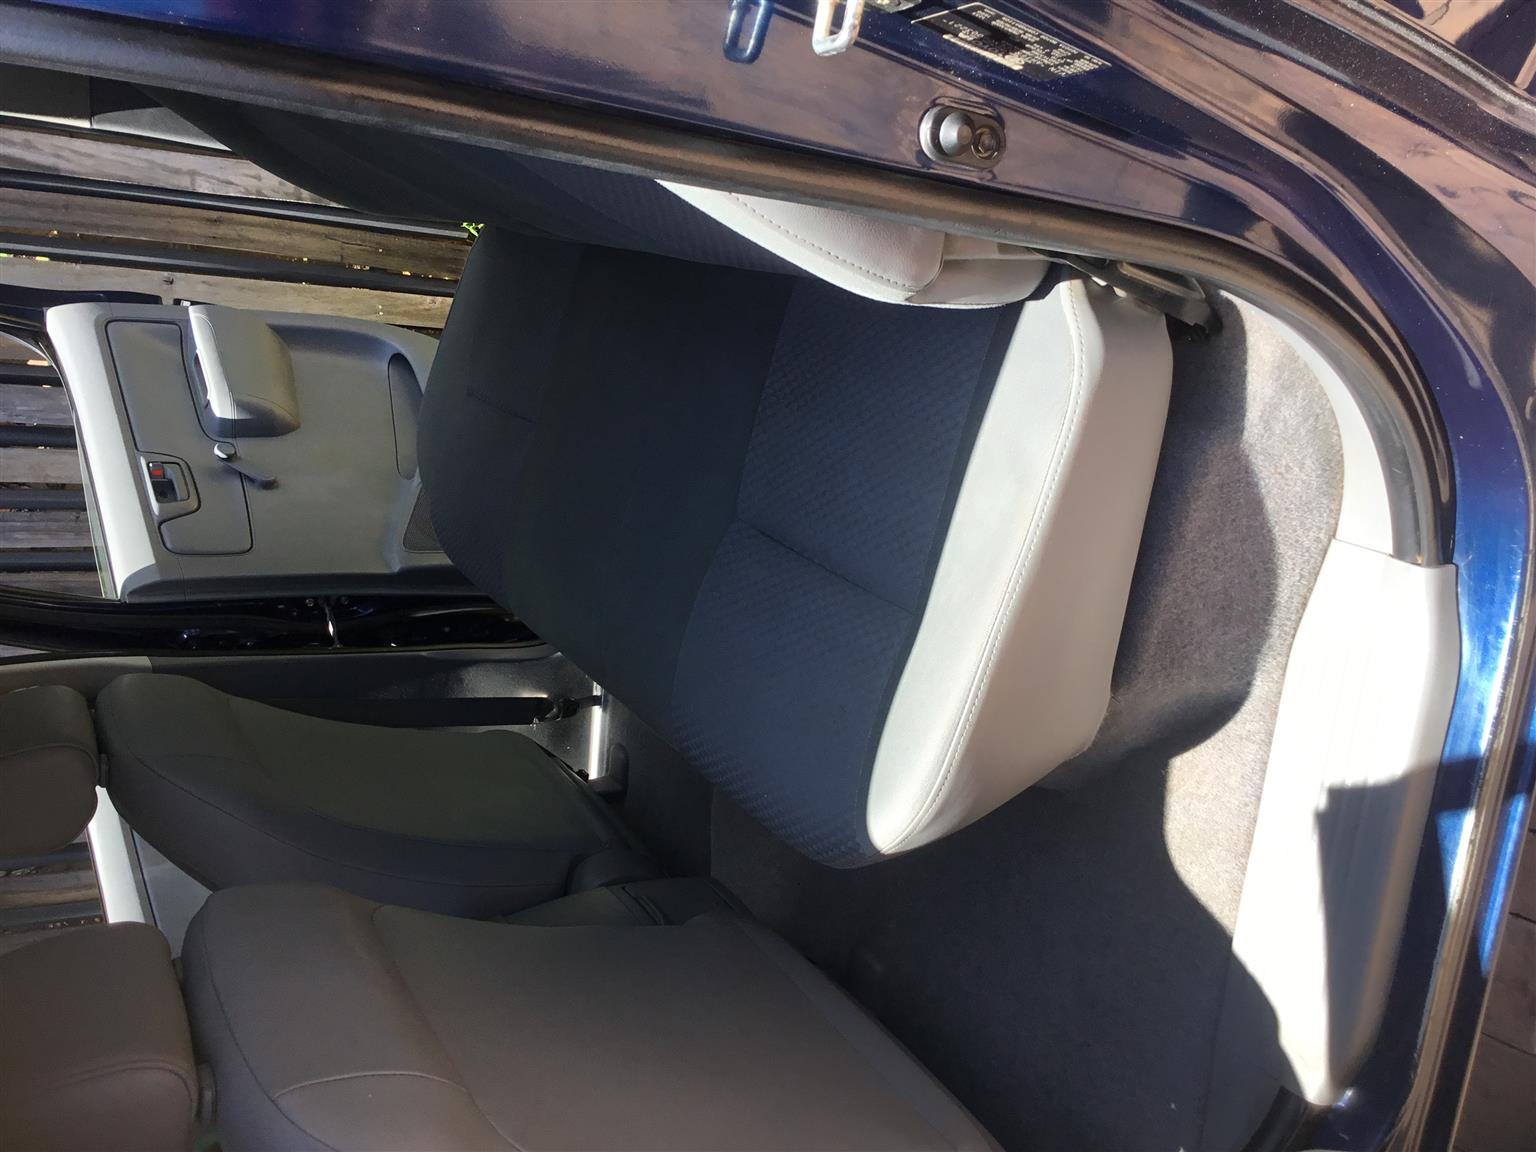 2006 Toyota Hilux 2.5D 4D double cab 4x4 SRX